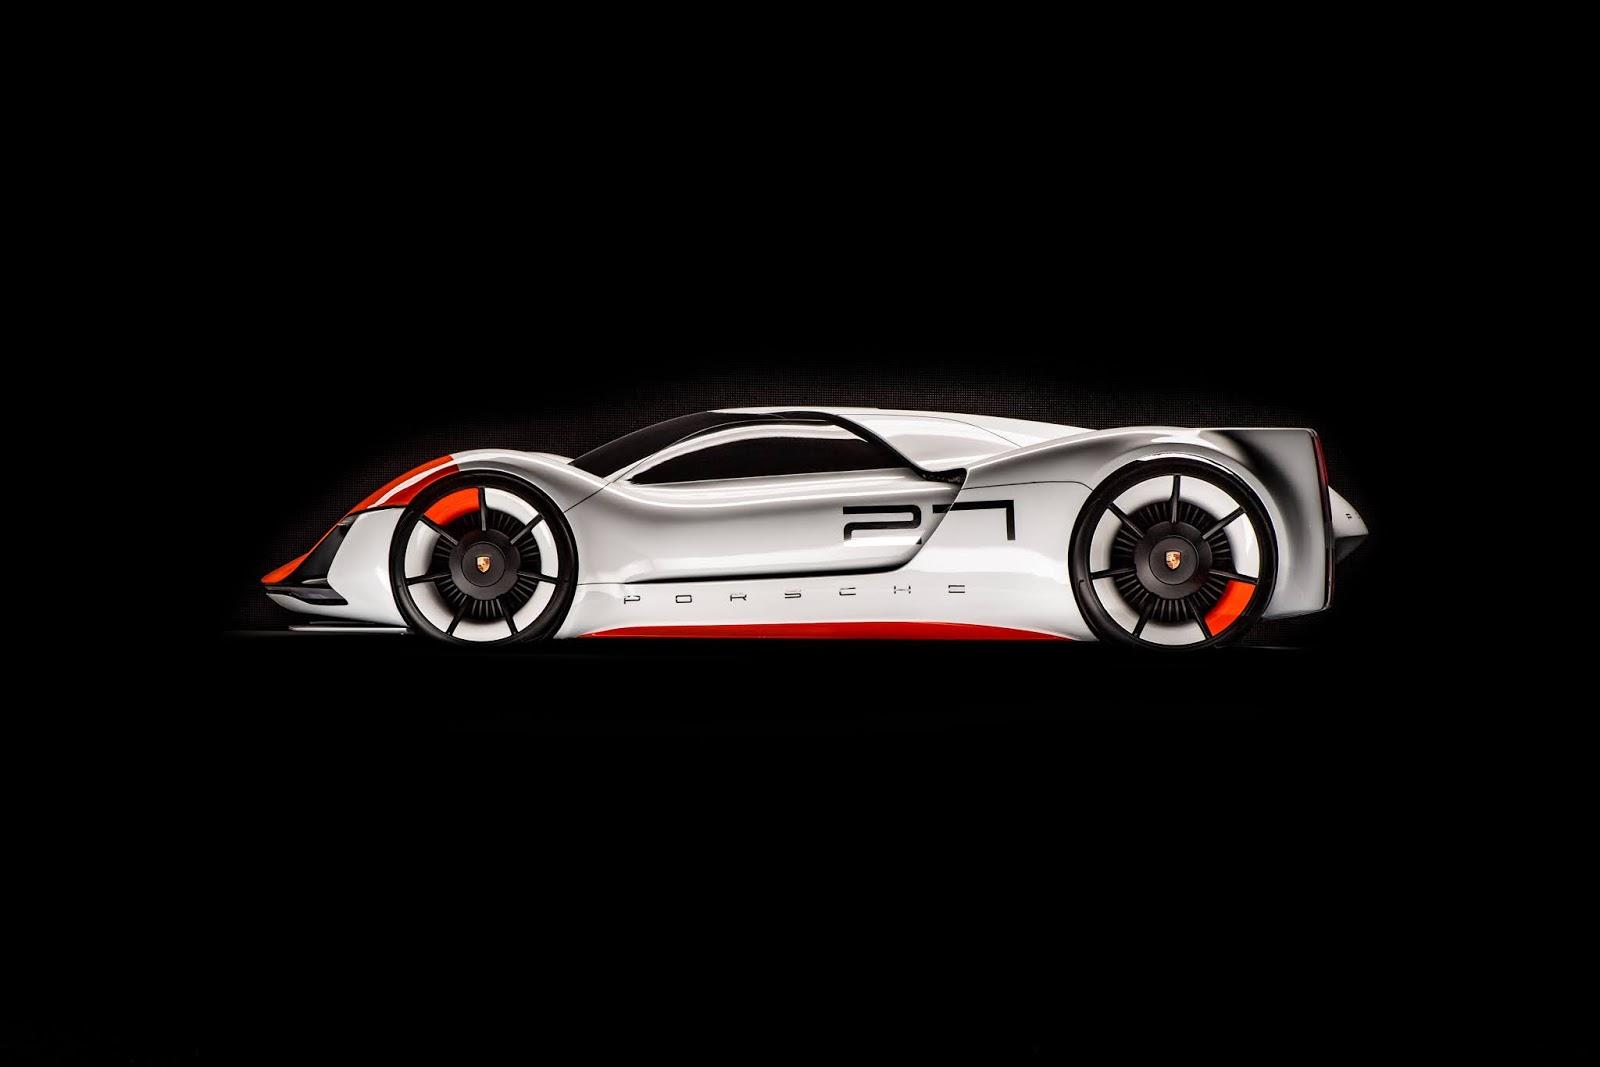 DSC9308 2 Τα άγνωστα Hypercars της Porsche hypercar, Porsche, Porsche Unseen, Sunday, supercar, supercars, zblog, ειδήσεις